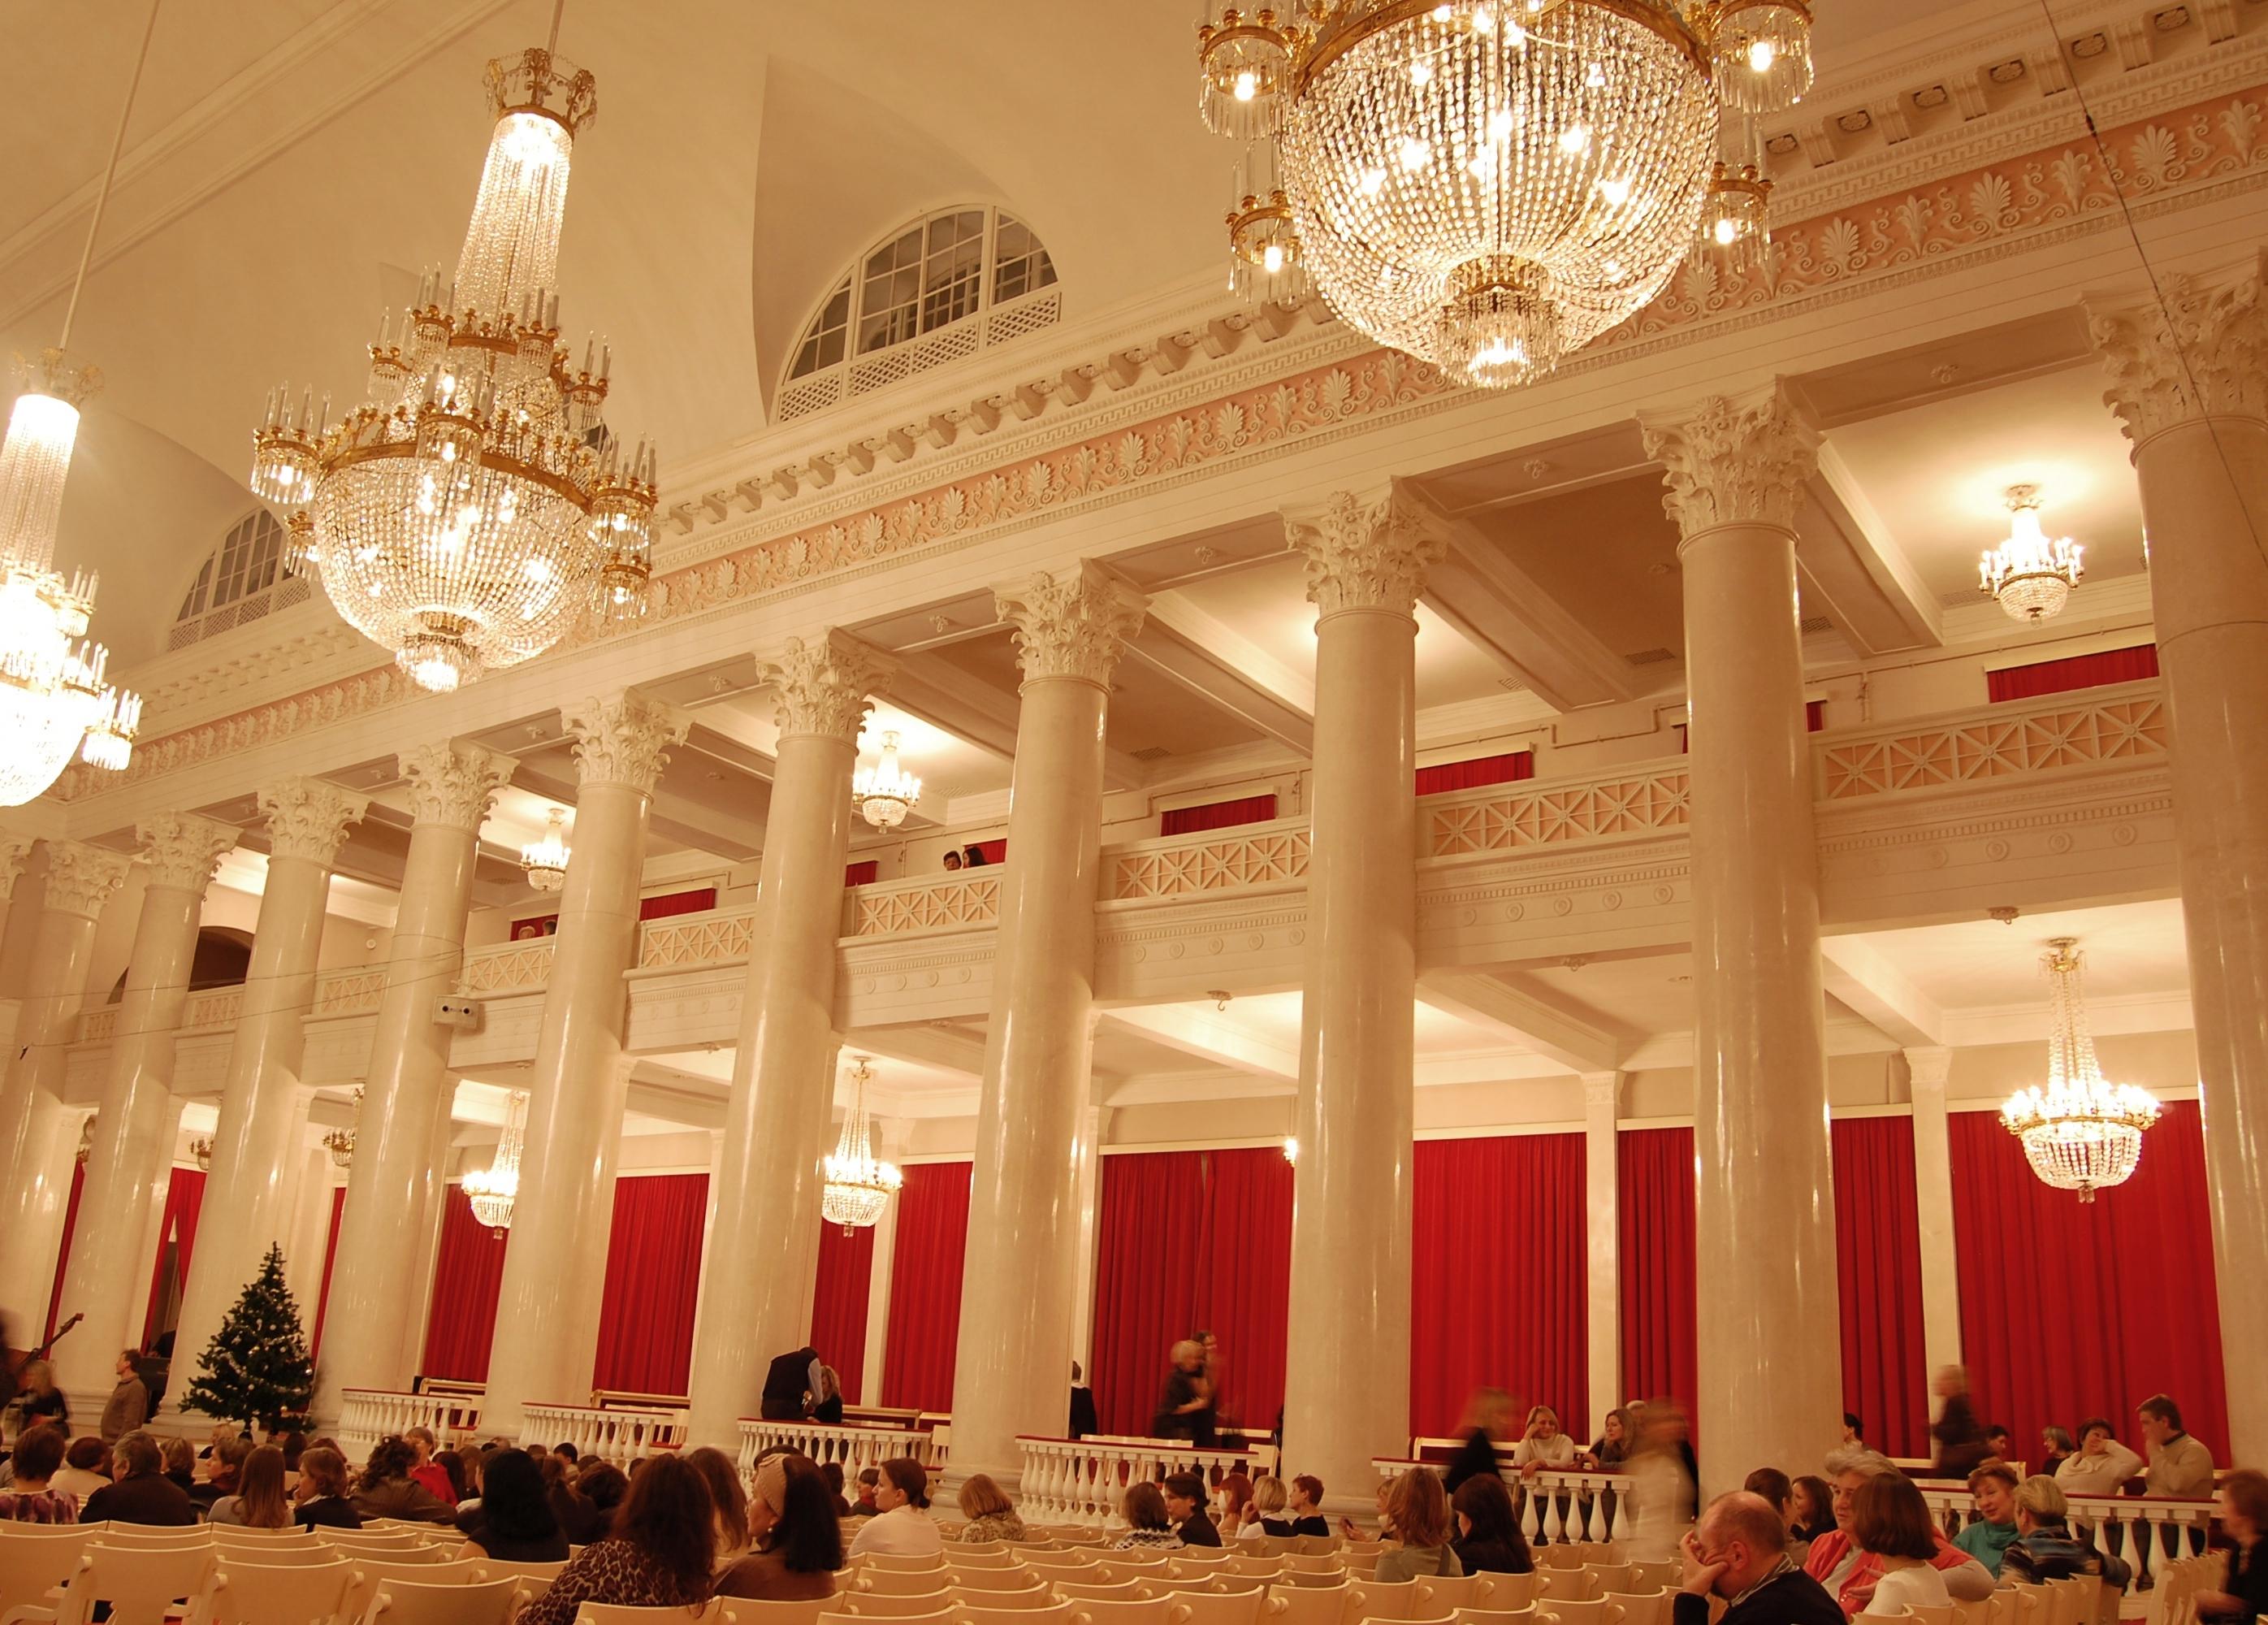 The Grand Villa